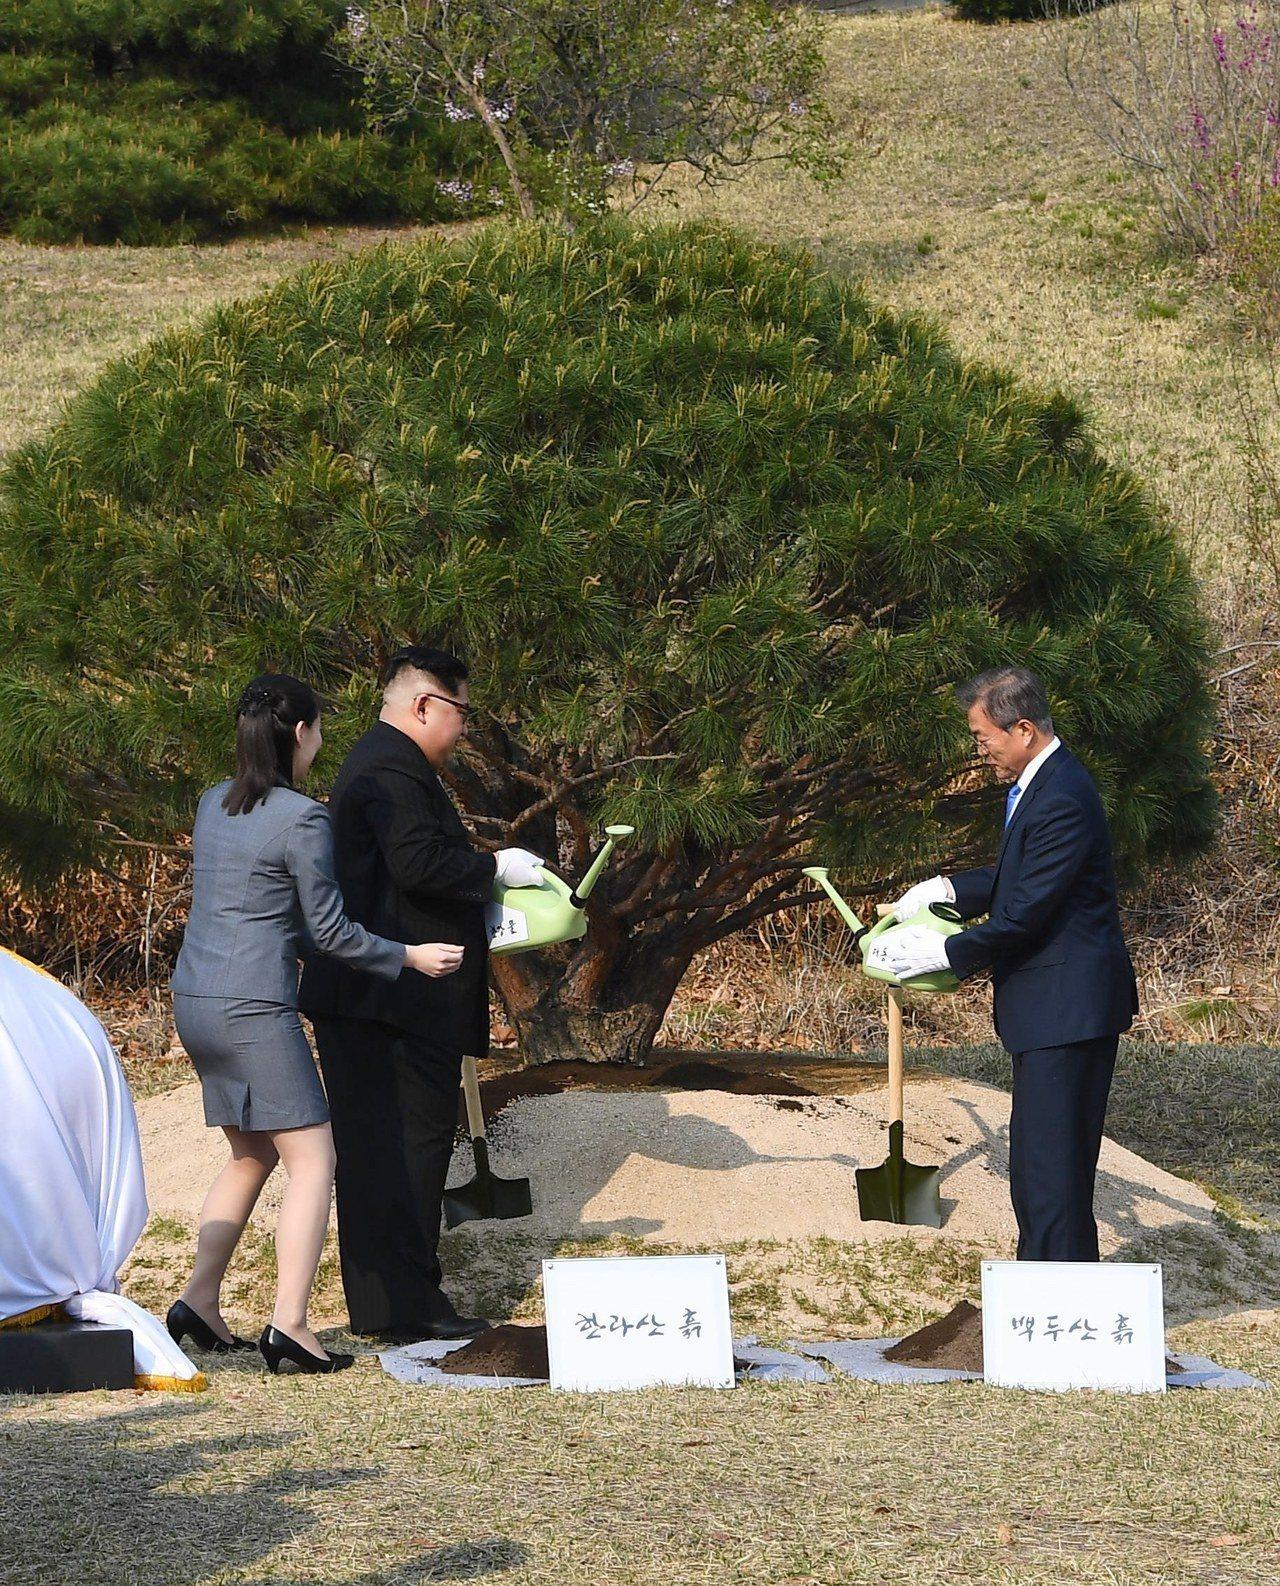 南北韓領袖文在寅和金正恩在午休之後,下午15:30展開預訂的植樹儀式。 歐新社